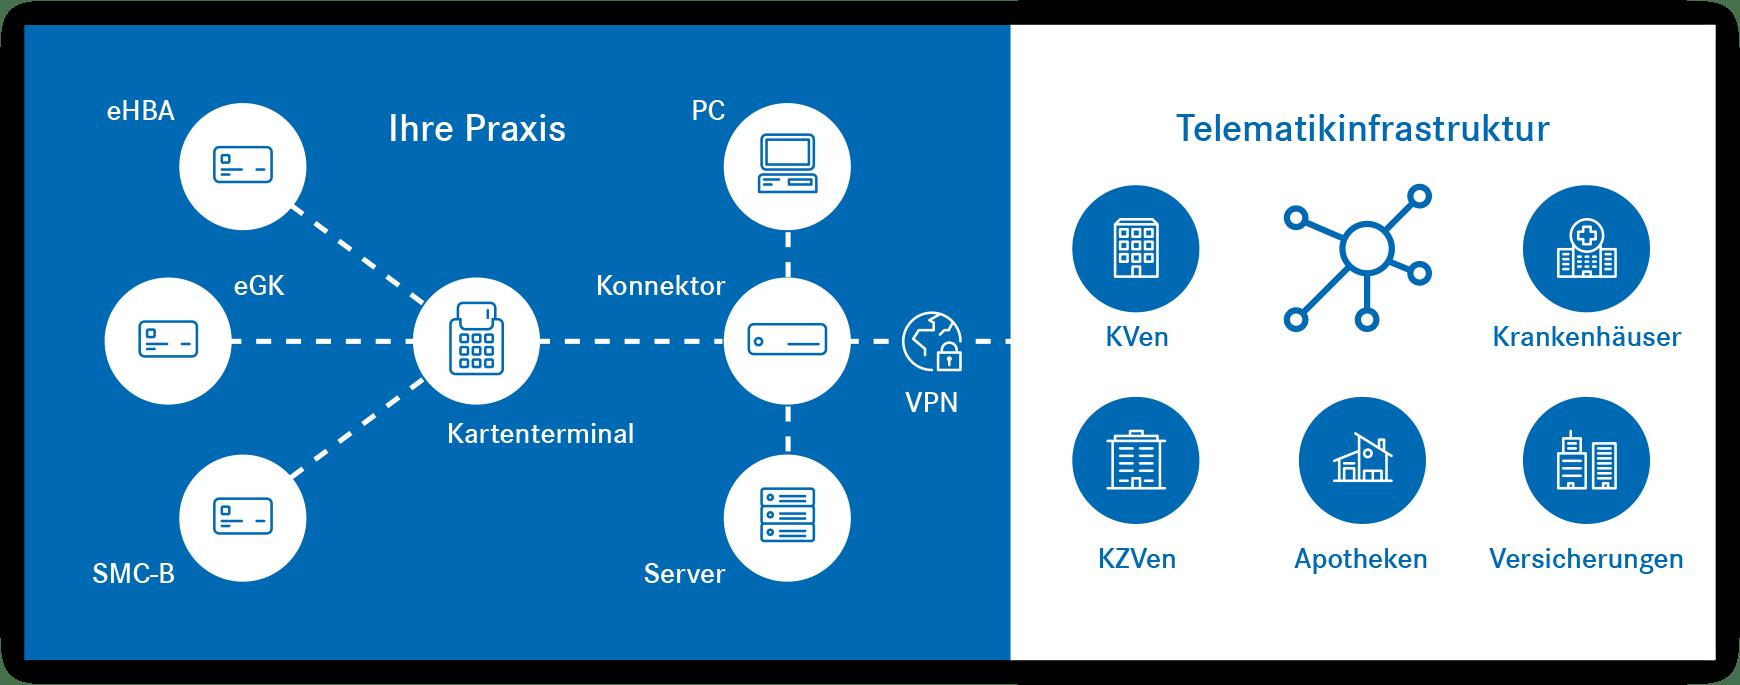 DGN Telematikinfrastruktur Illustration